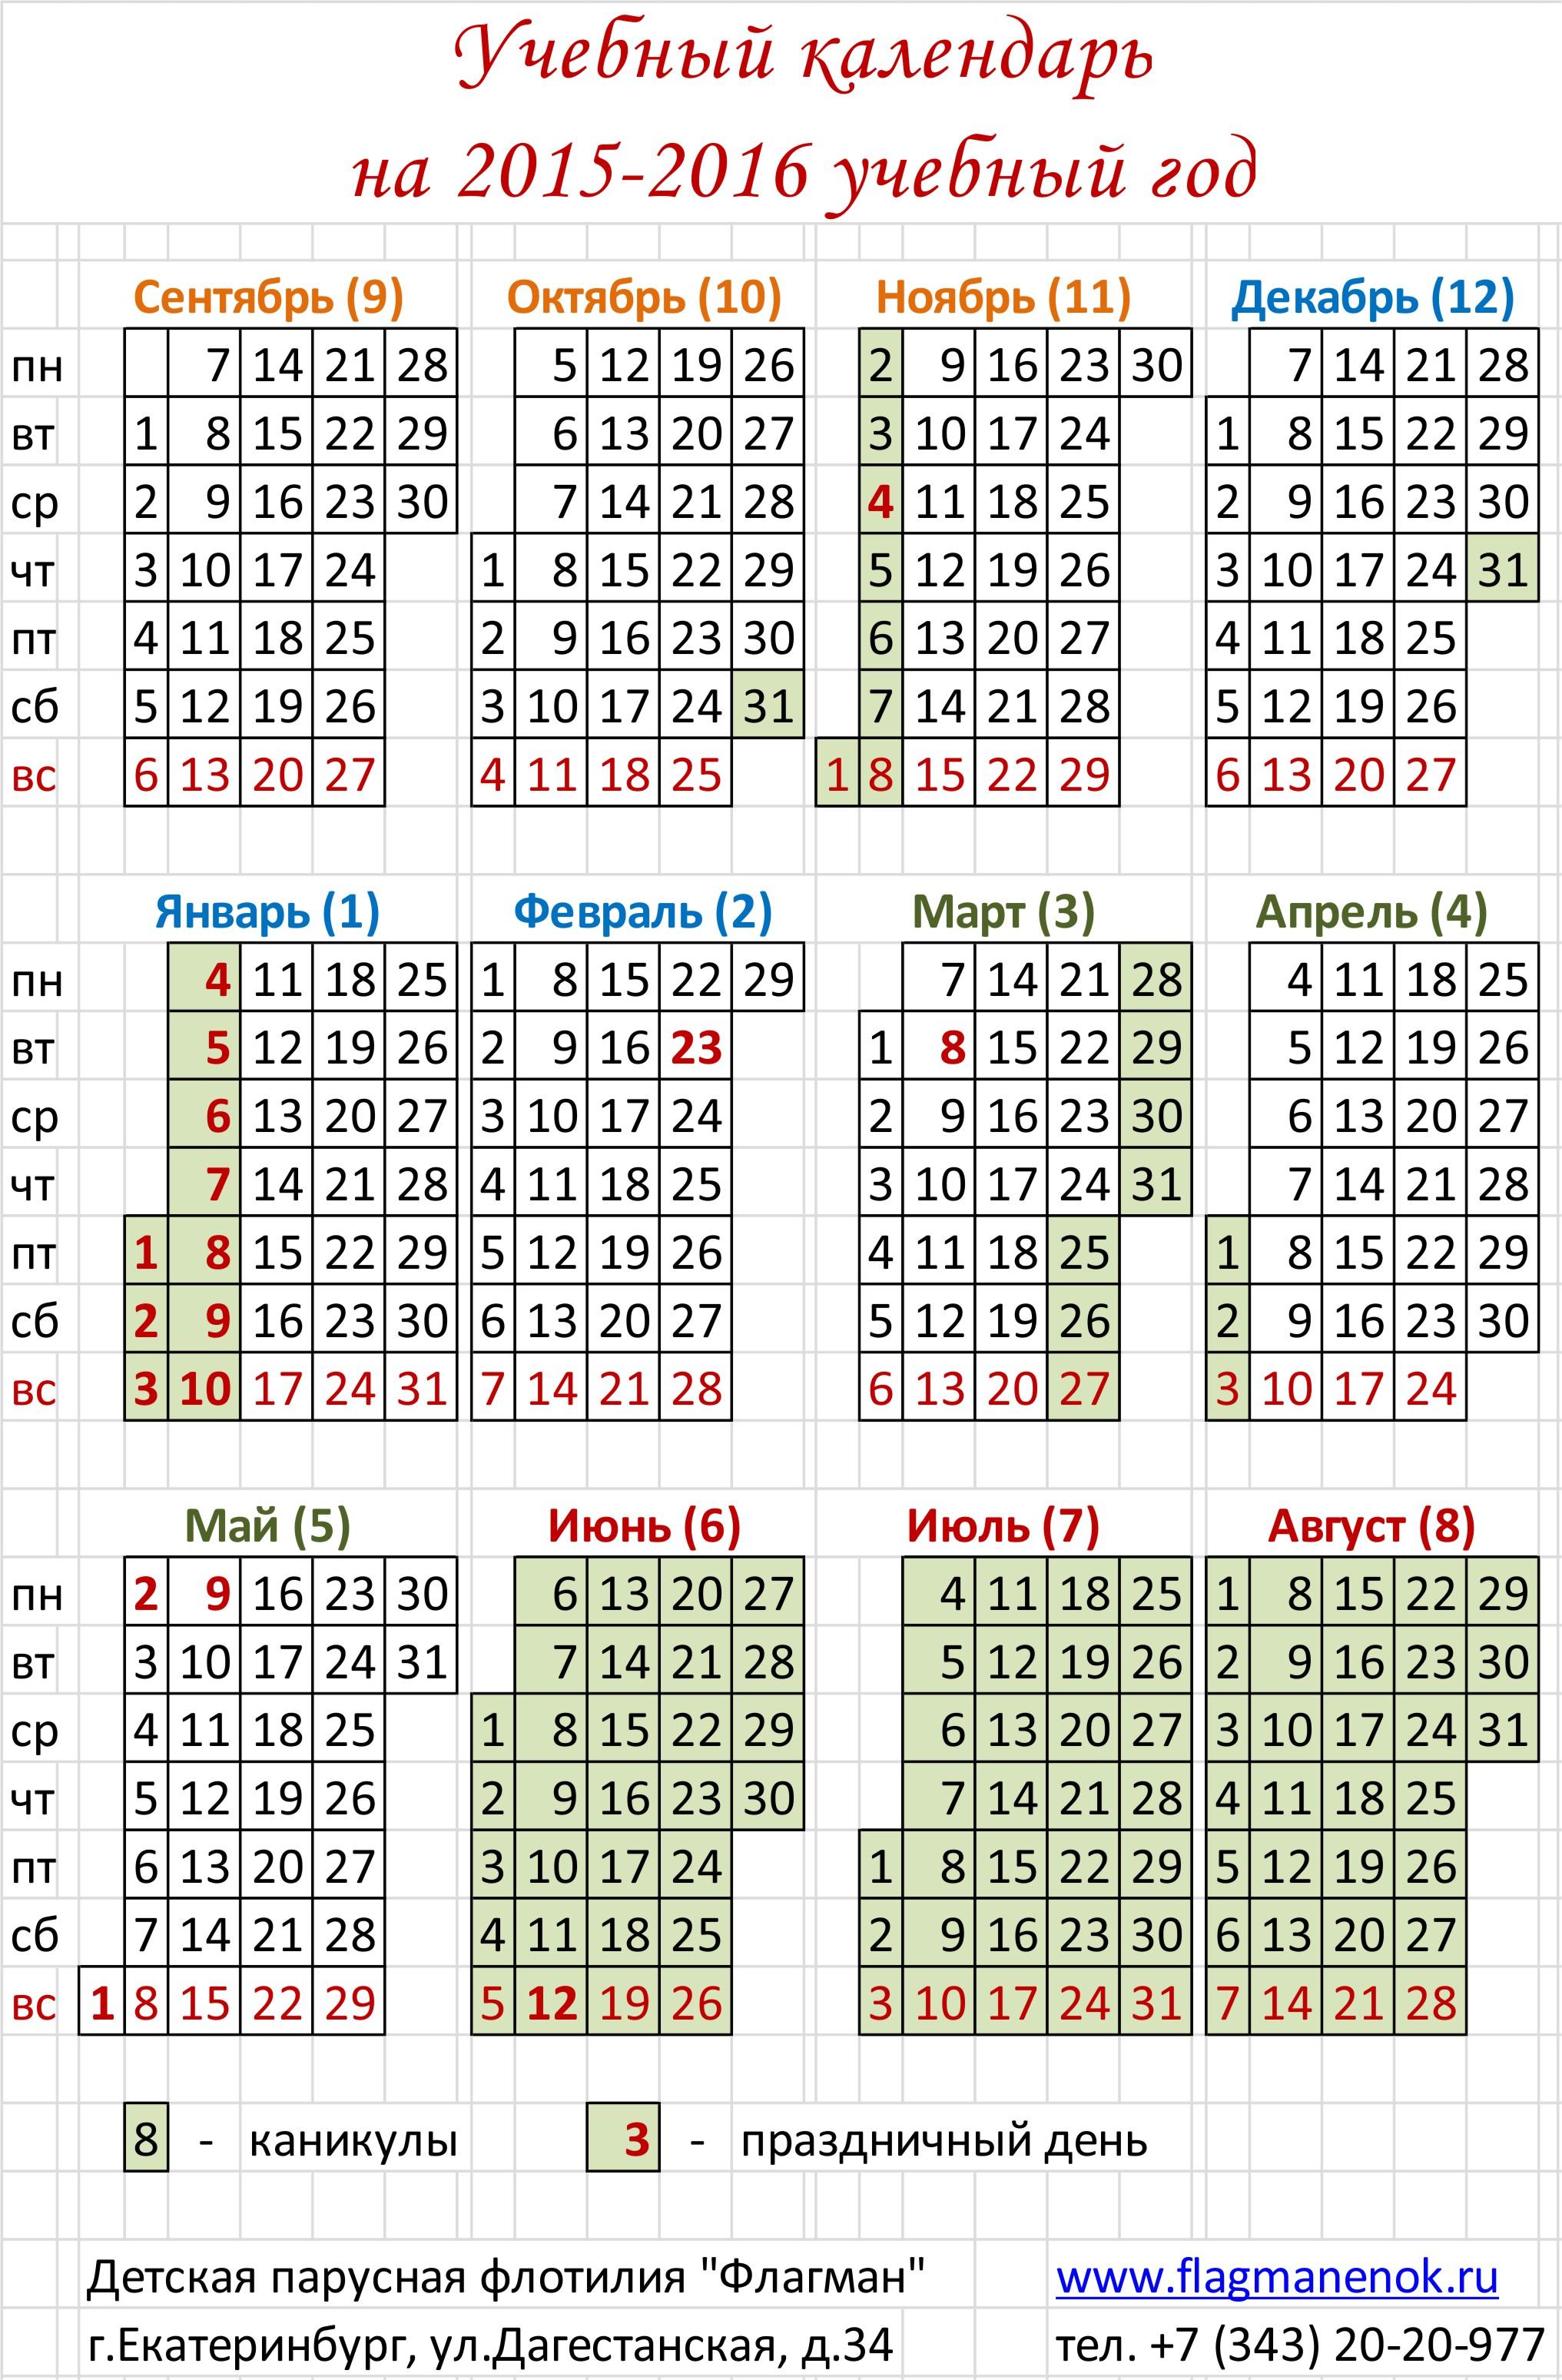 ... учебный график на 2015-2016 учебный год: www.flagmanenok.ru/topics/news